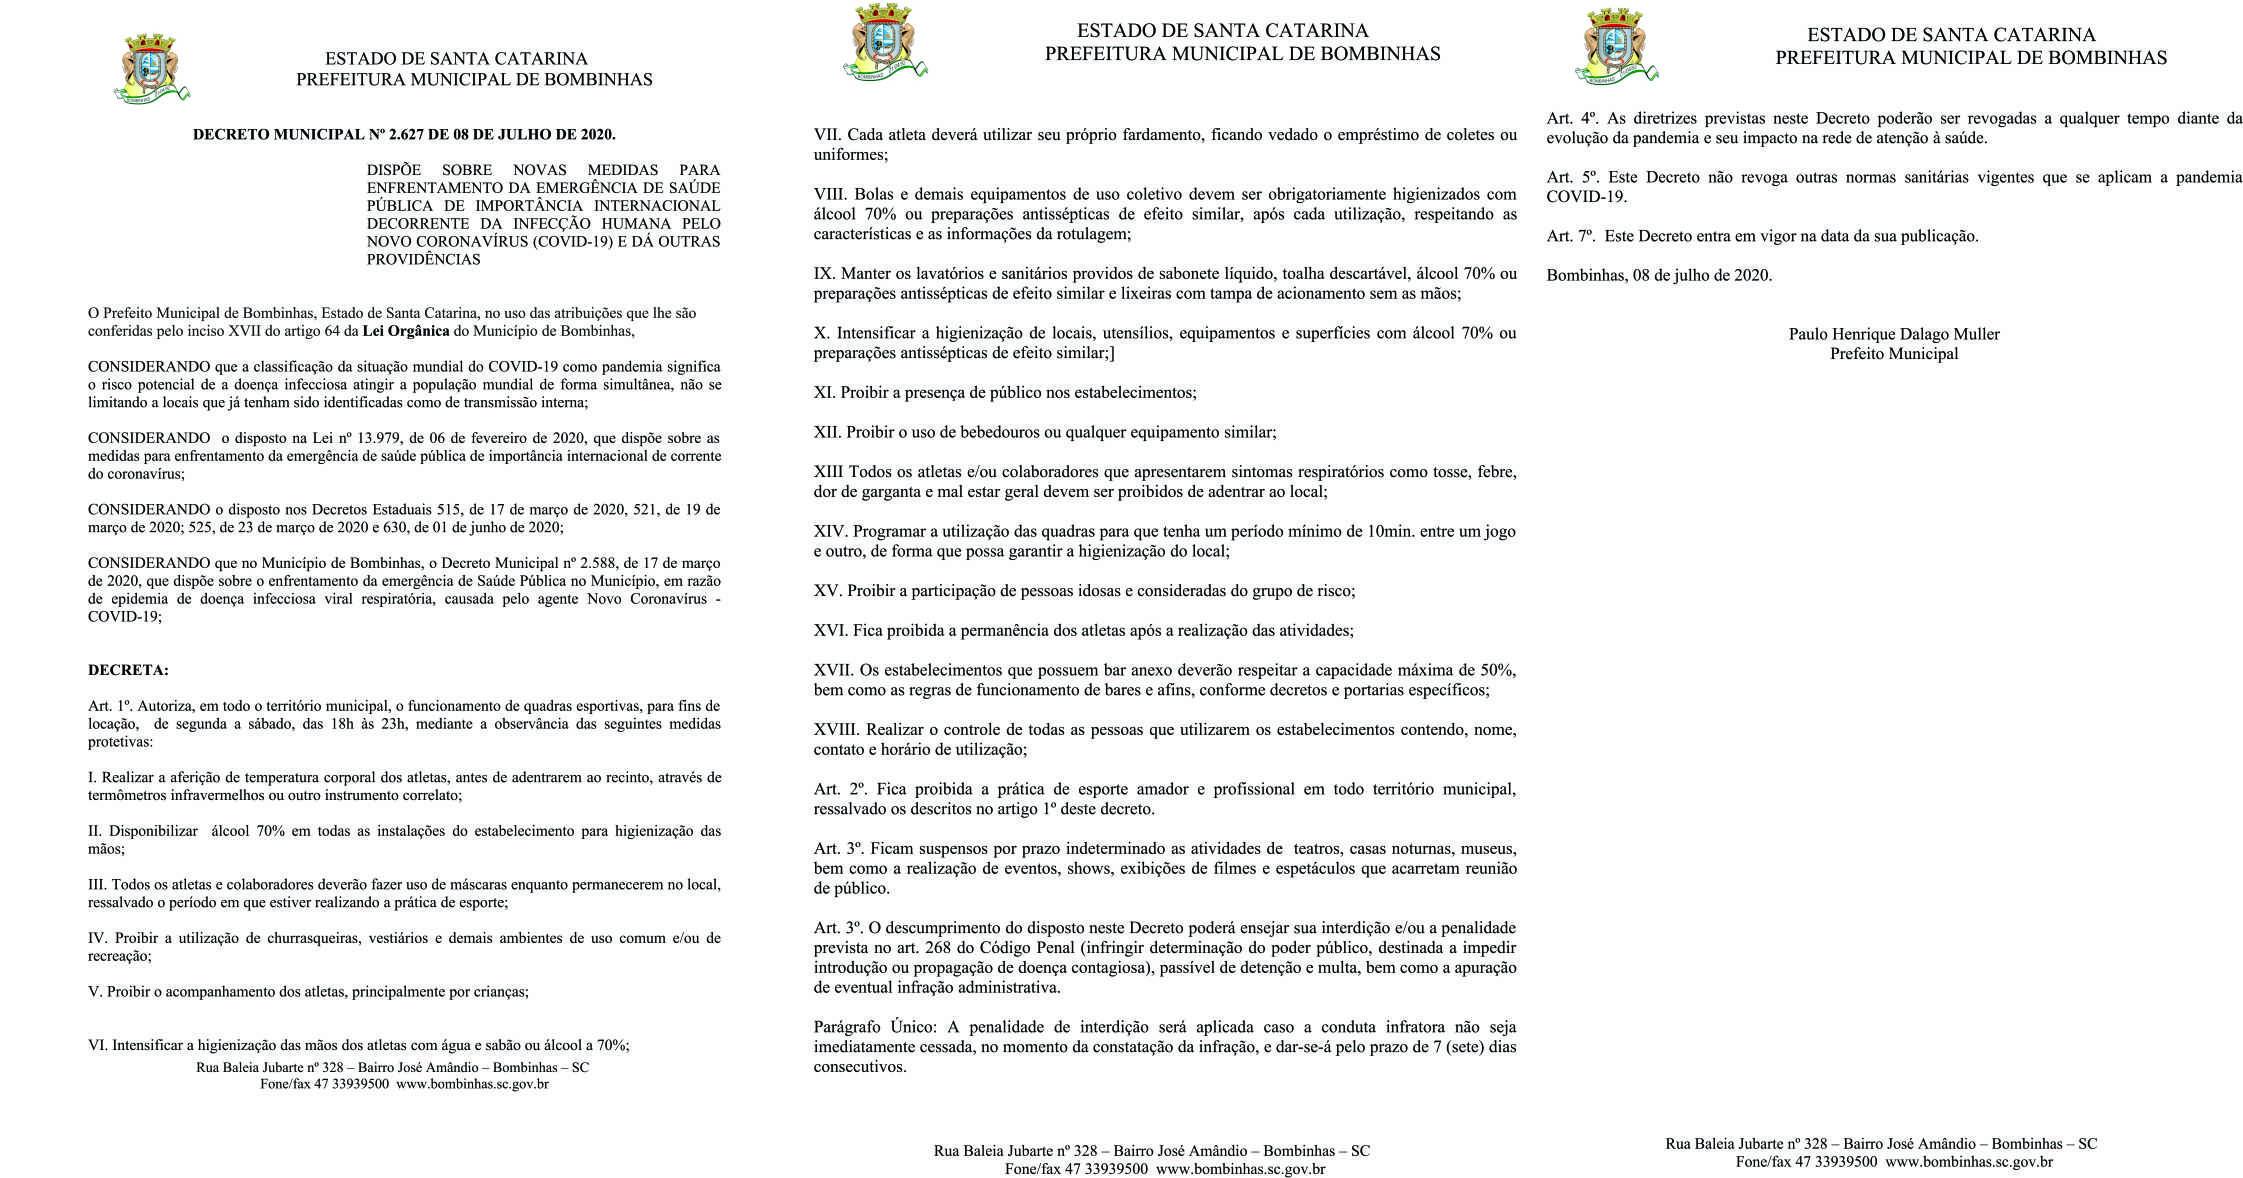 BOMBINHAS - Bombinhas tem novo decreto sobre enfrentamento da COVID